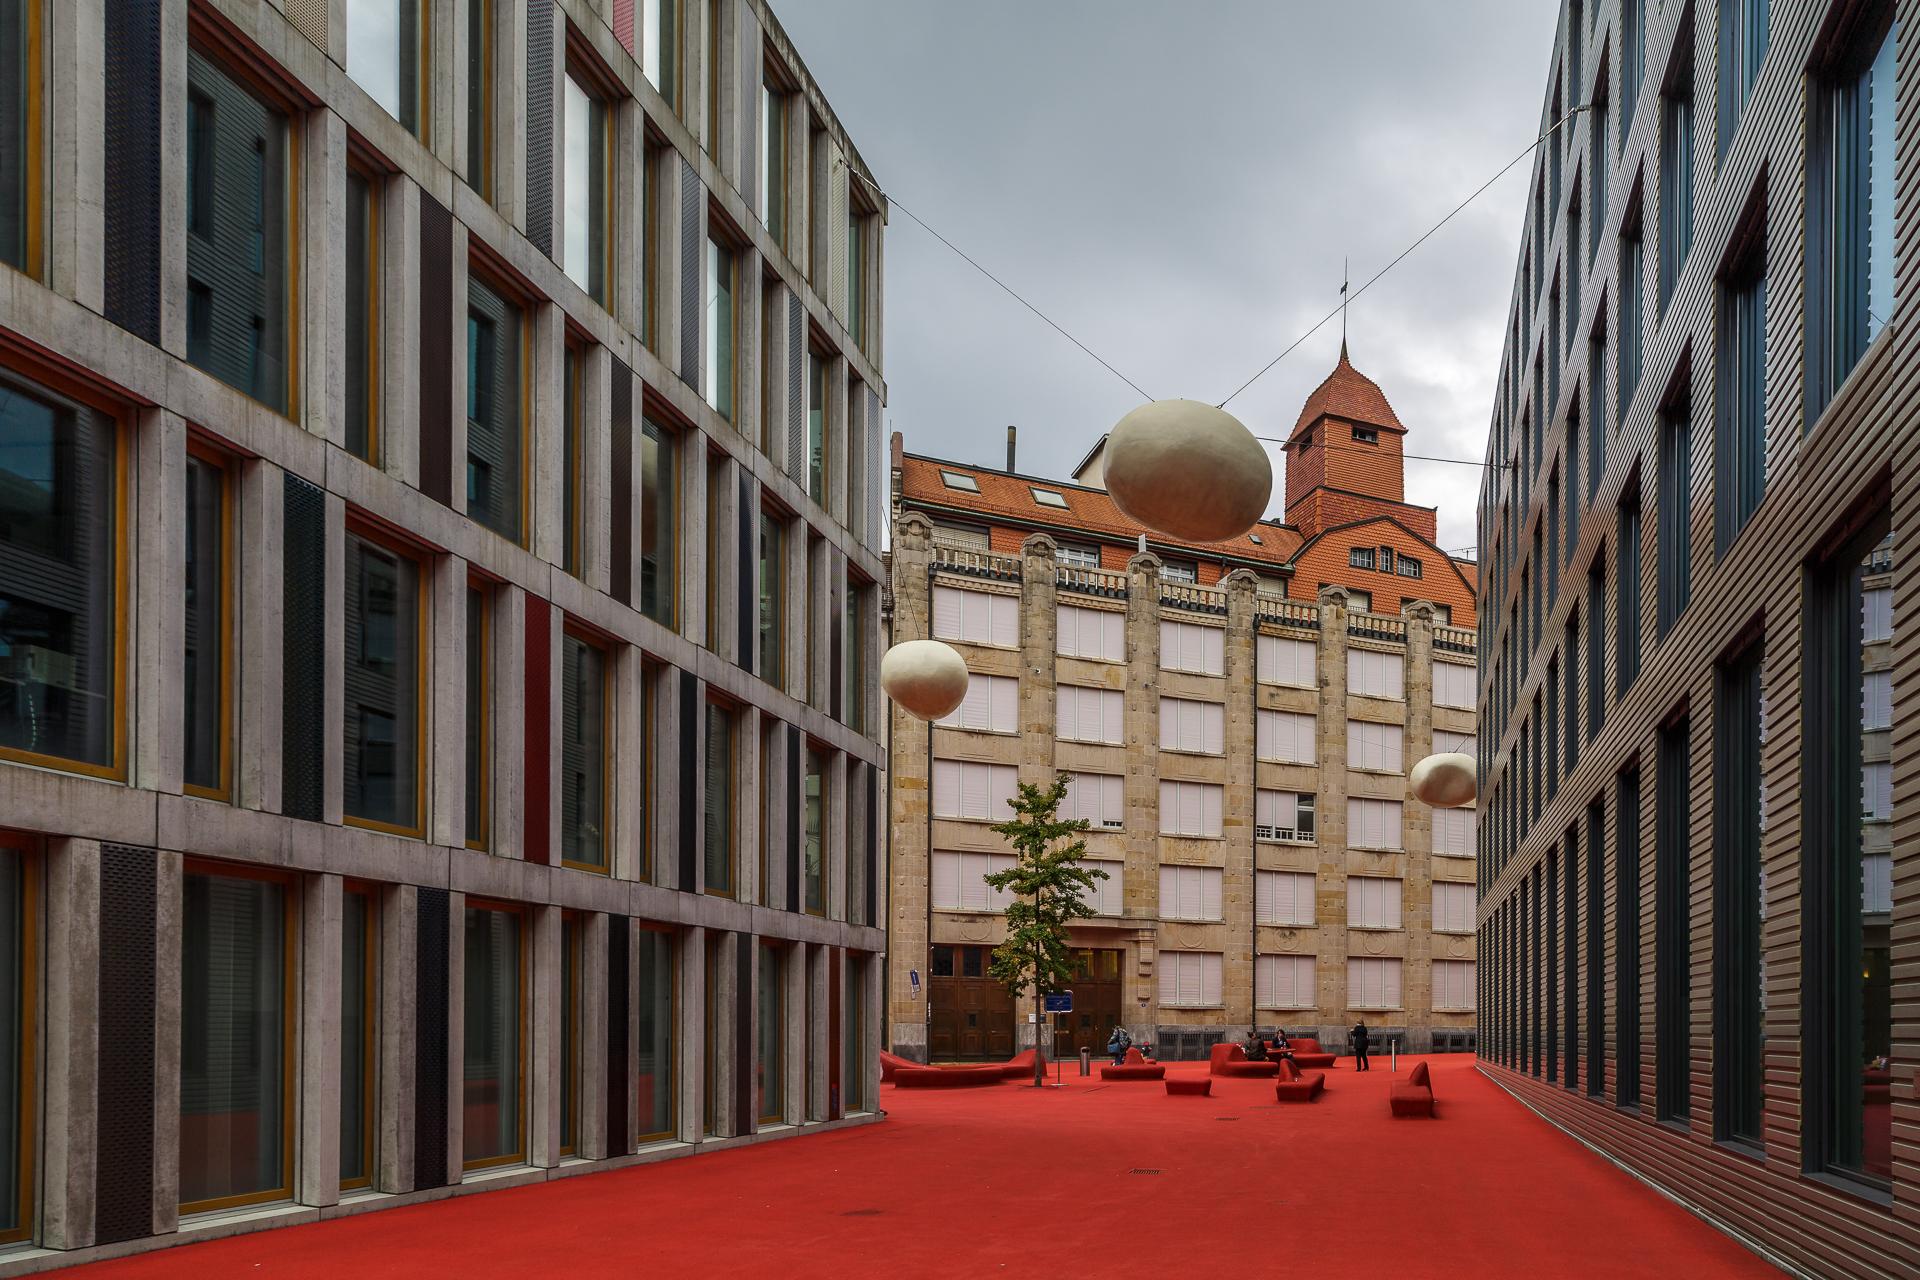 Roter-Platz-pipilotti-rist